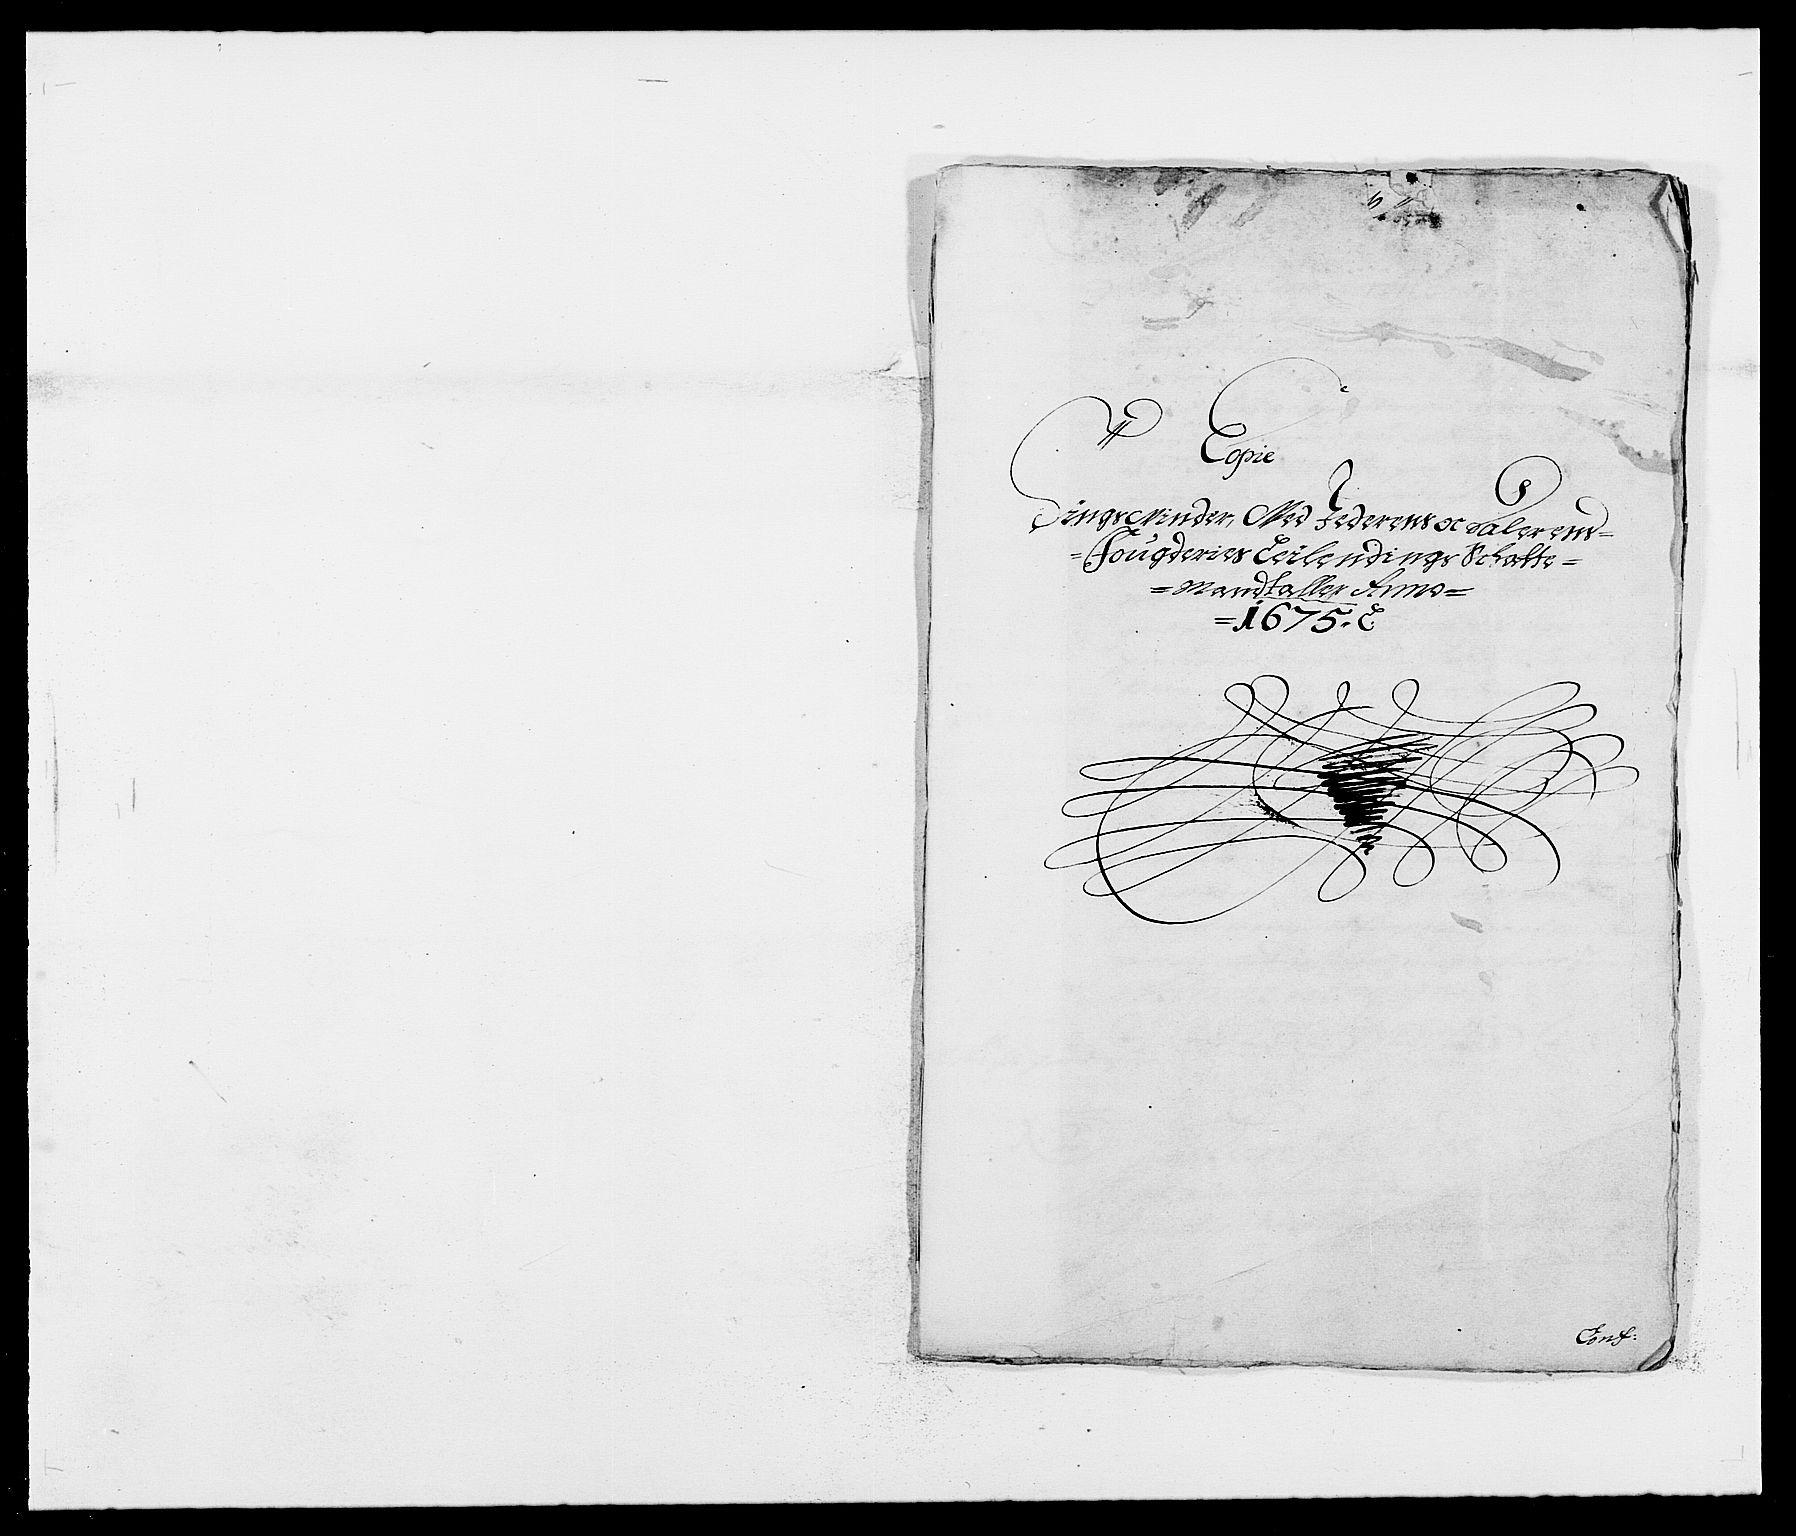 RA, Rentekammeret inntil 1814, Reviderte regnskaper, Fogderegnskap, R46/L2715: Fogderegnskap Jæren og Dalane, 1675, s. 375